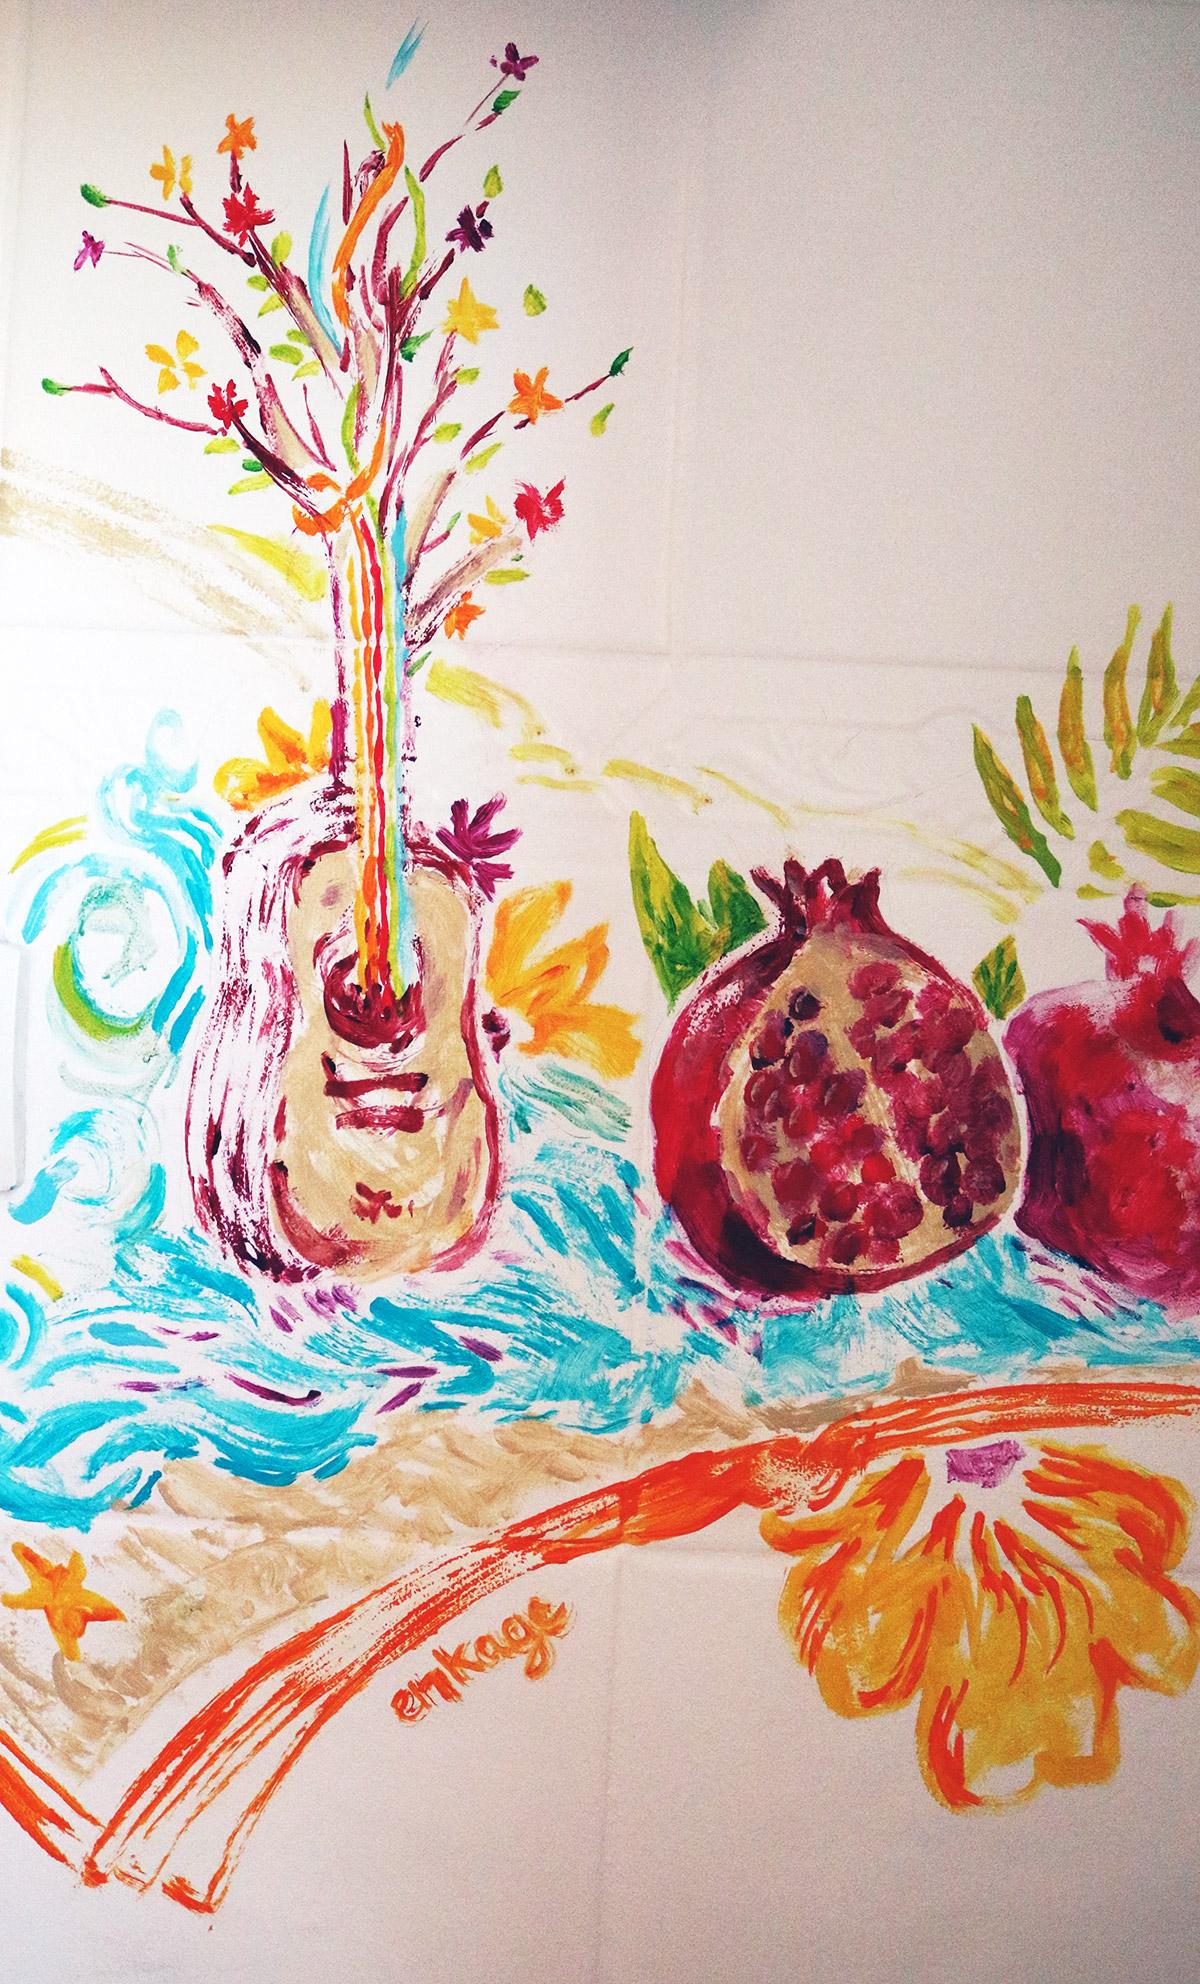 Tableau déco cuisine et peinture créative - ENKAGE